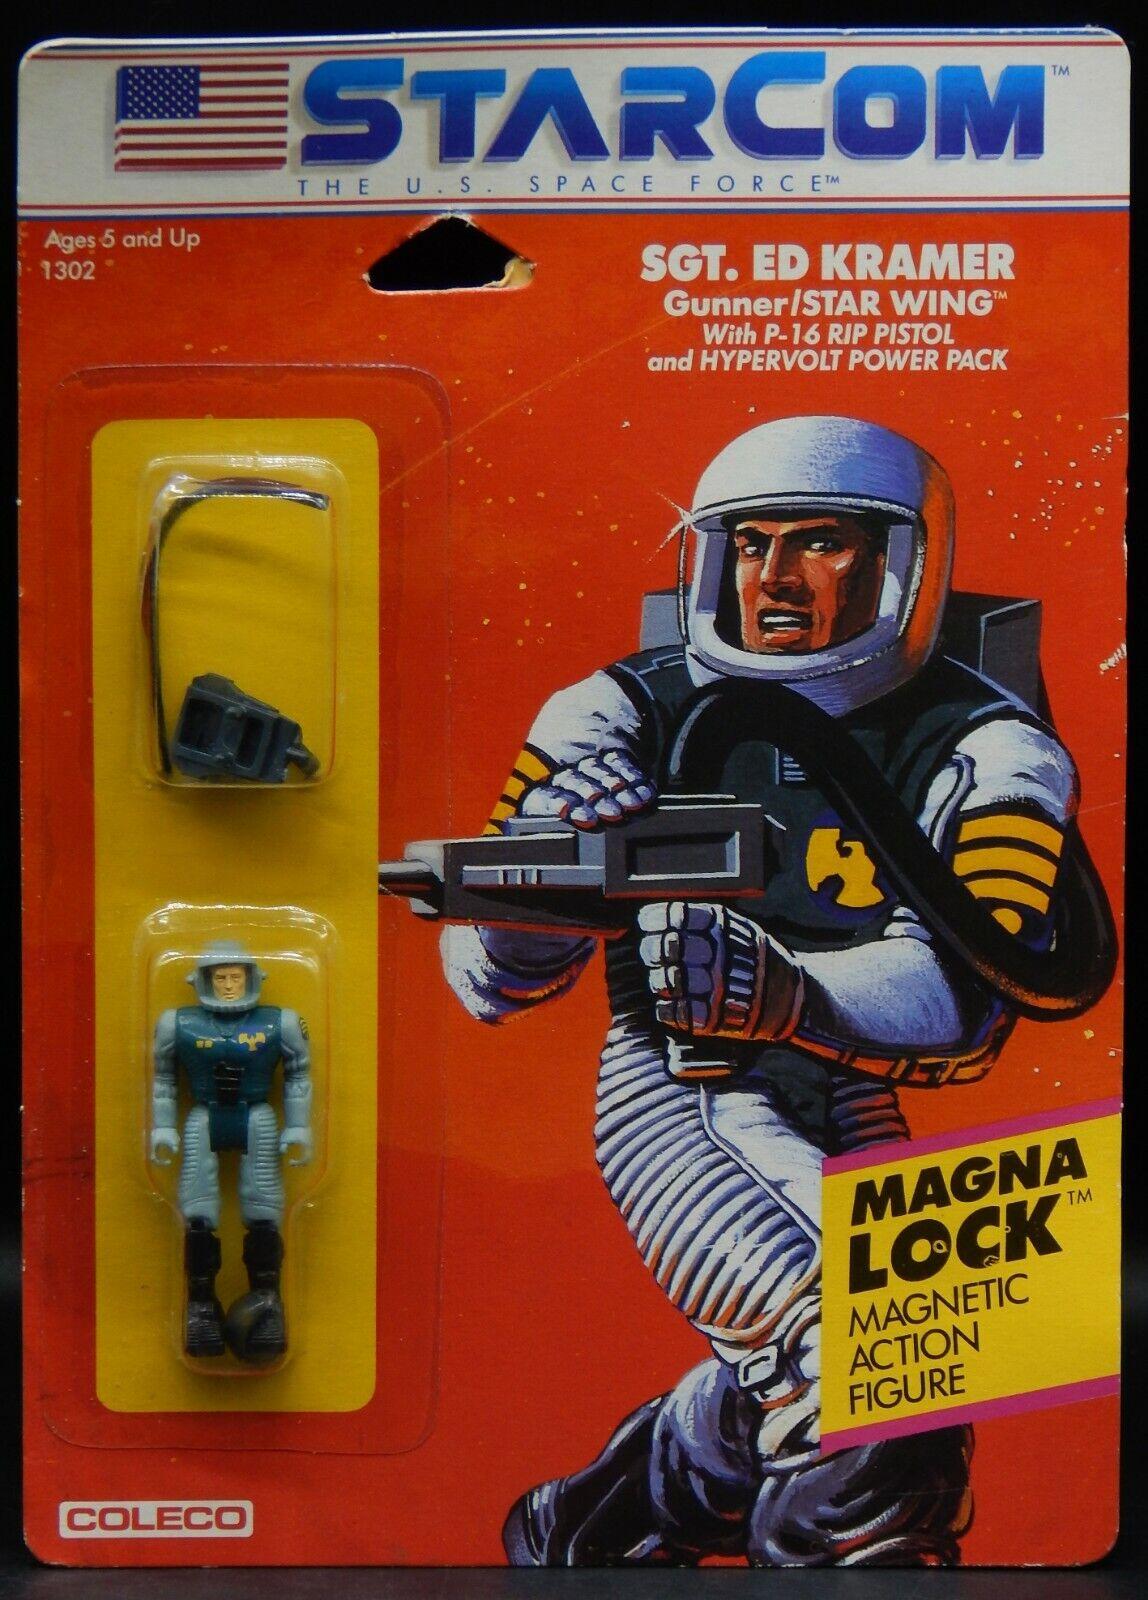 1986 vintage STARCOM Sgt. ED KRAMER action figure MOC Coleco sealed space force